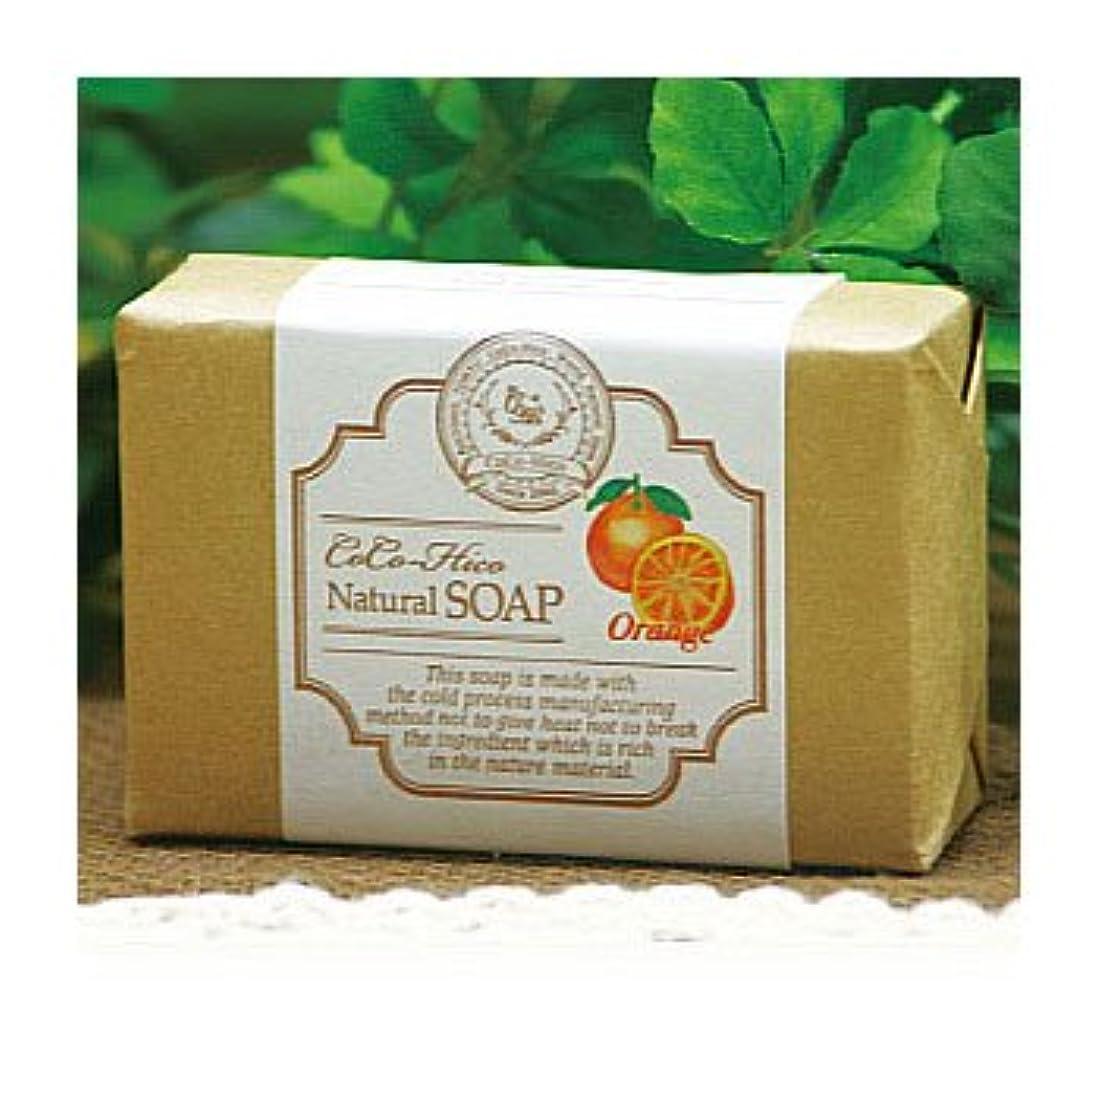 リスク命題ひねり【無添加 手作り 生せっけん】-CoCo-Hico SOAP-ココヒコ生せっけん オレンジ